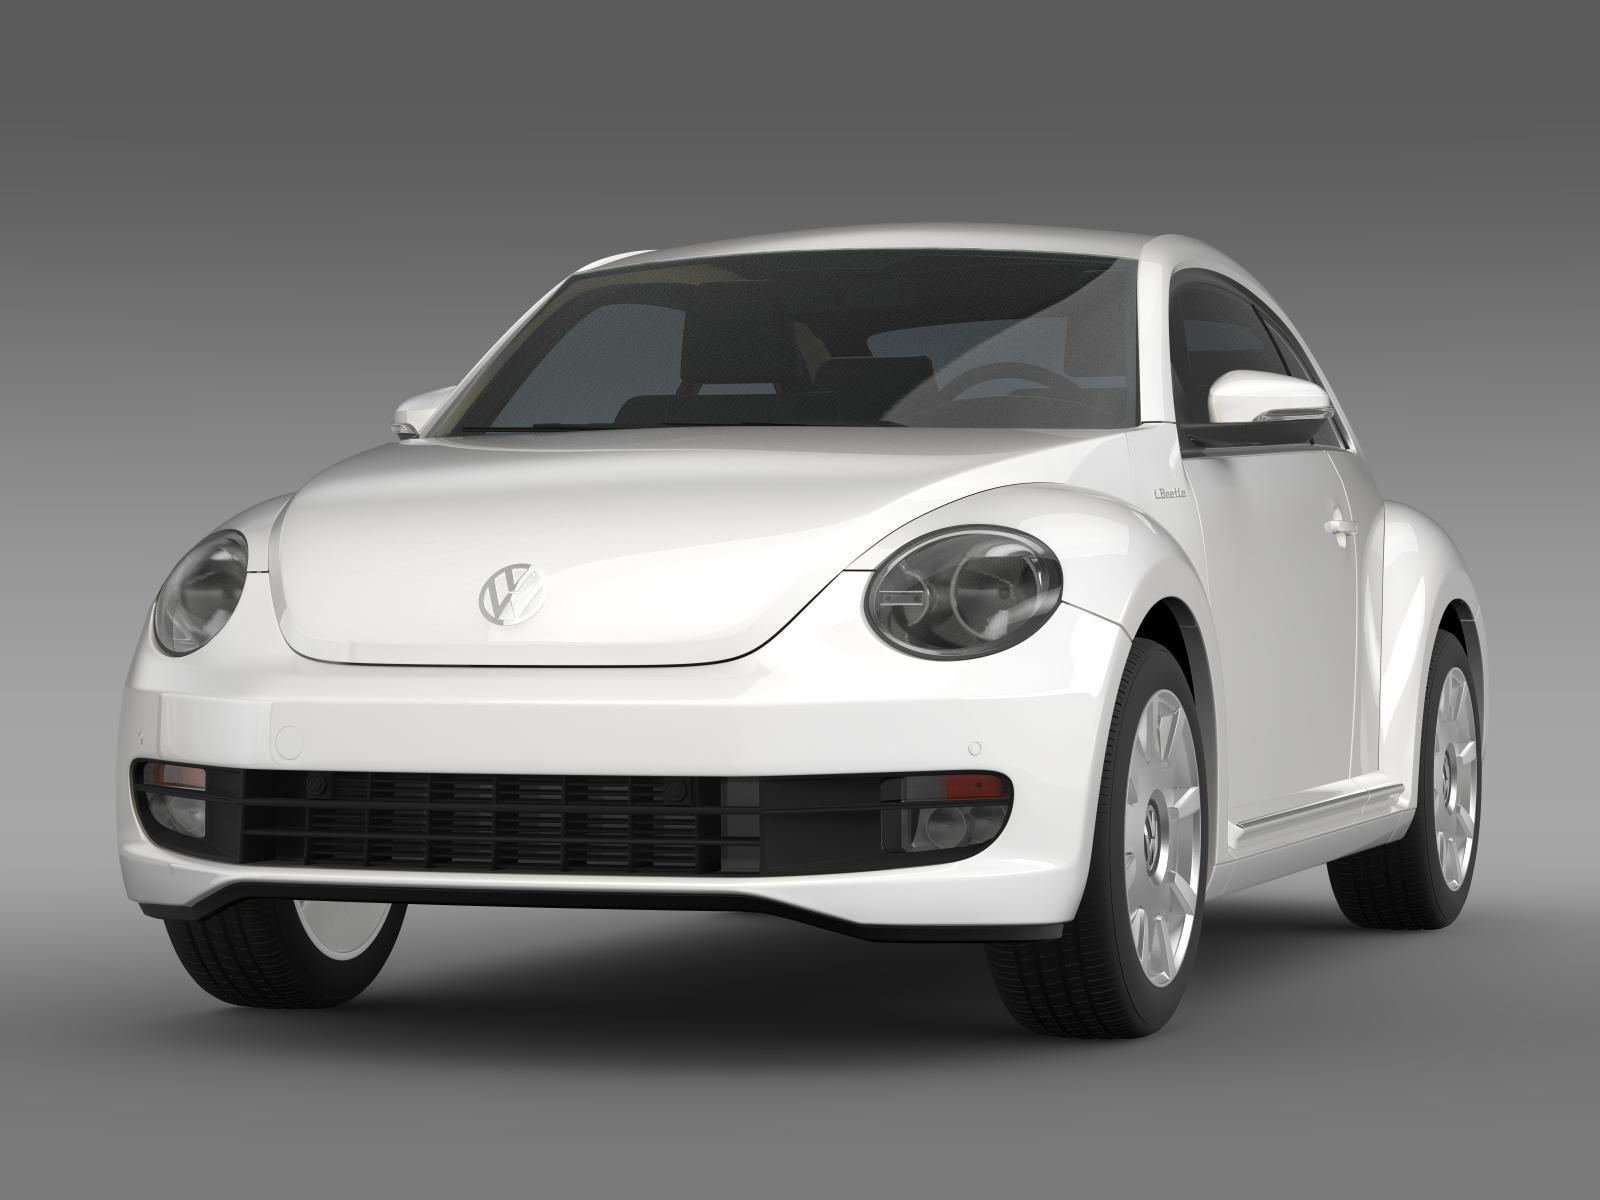 vw i beetle 2015 3d model. Black Bedroom Furniture Sets. Home Design Ideas